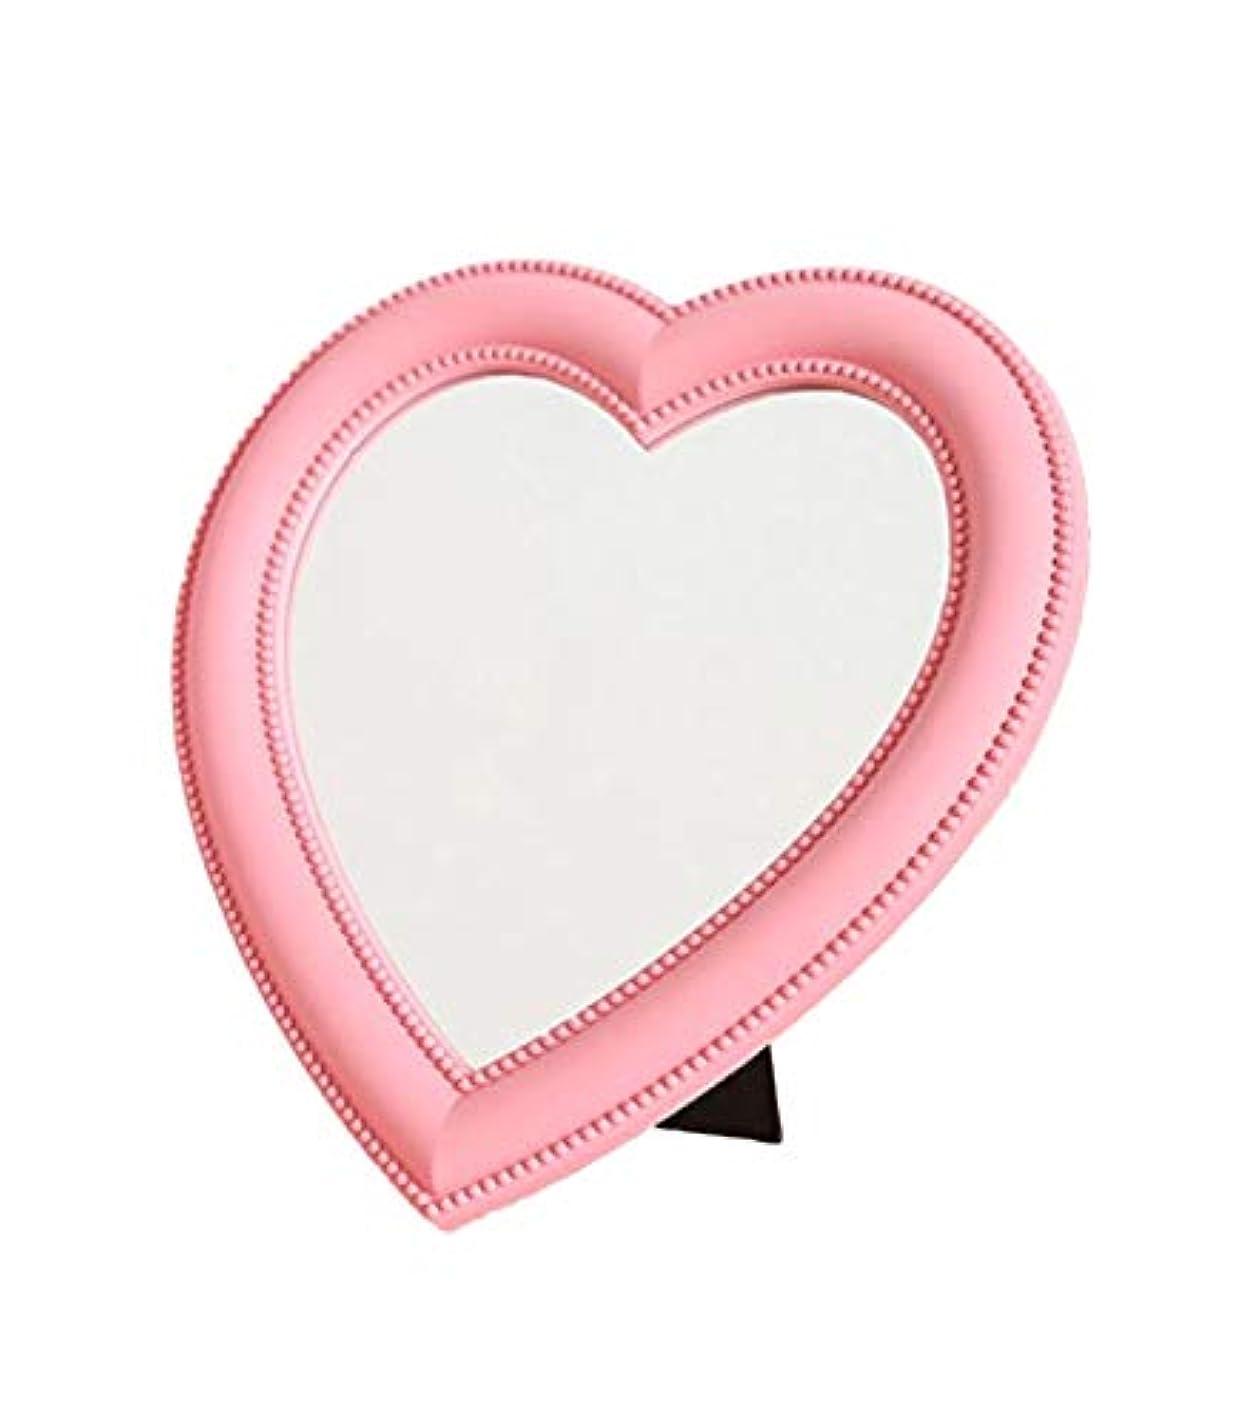 ひそかに瞳野球[ワズチヨ] 卓上 スタンド ミラー 鏡 ハート 型 デスクトップメイクアップミラー インテリア 壁 掛け 女の子 化粧 メイク アップ コンパクト プレゼント (ピンク)